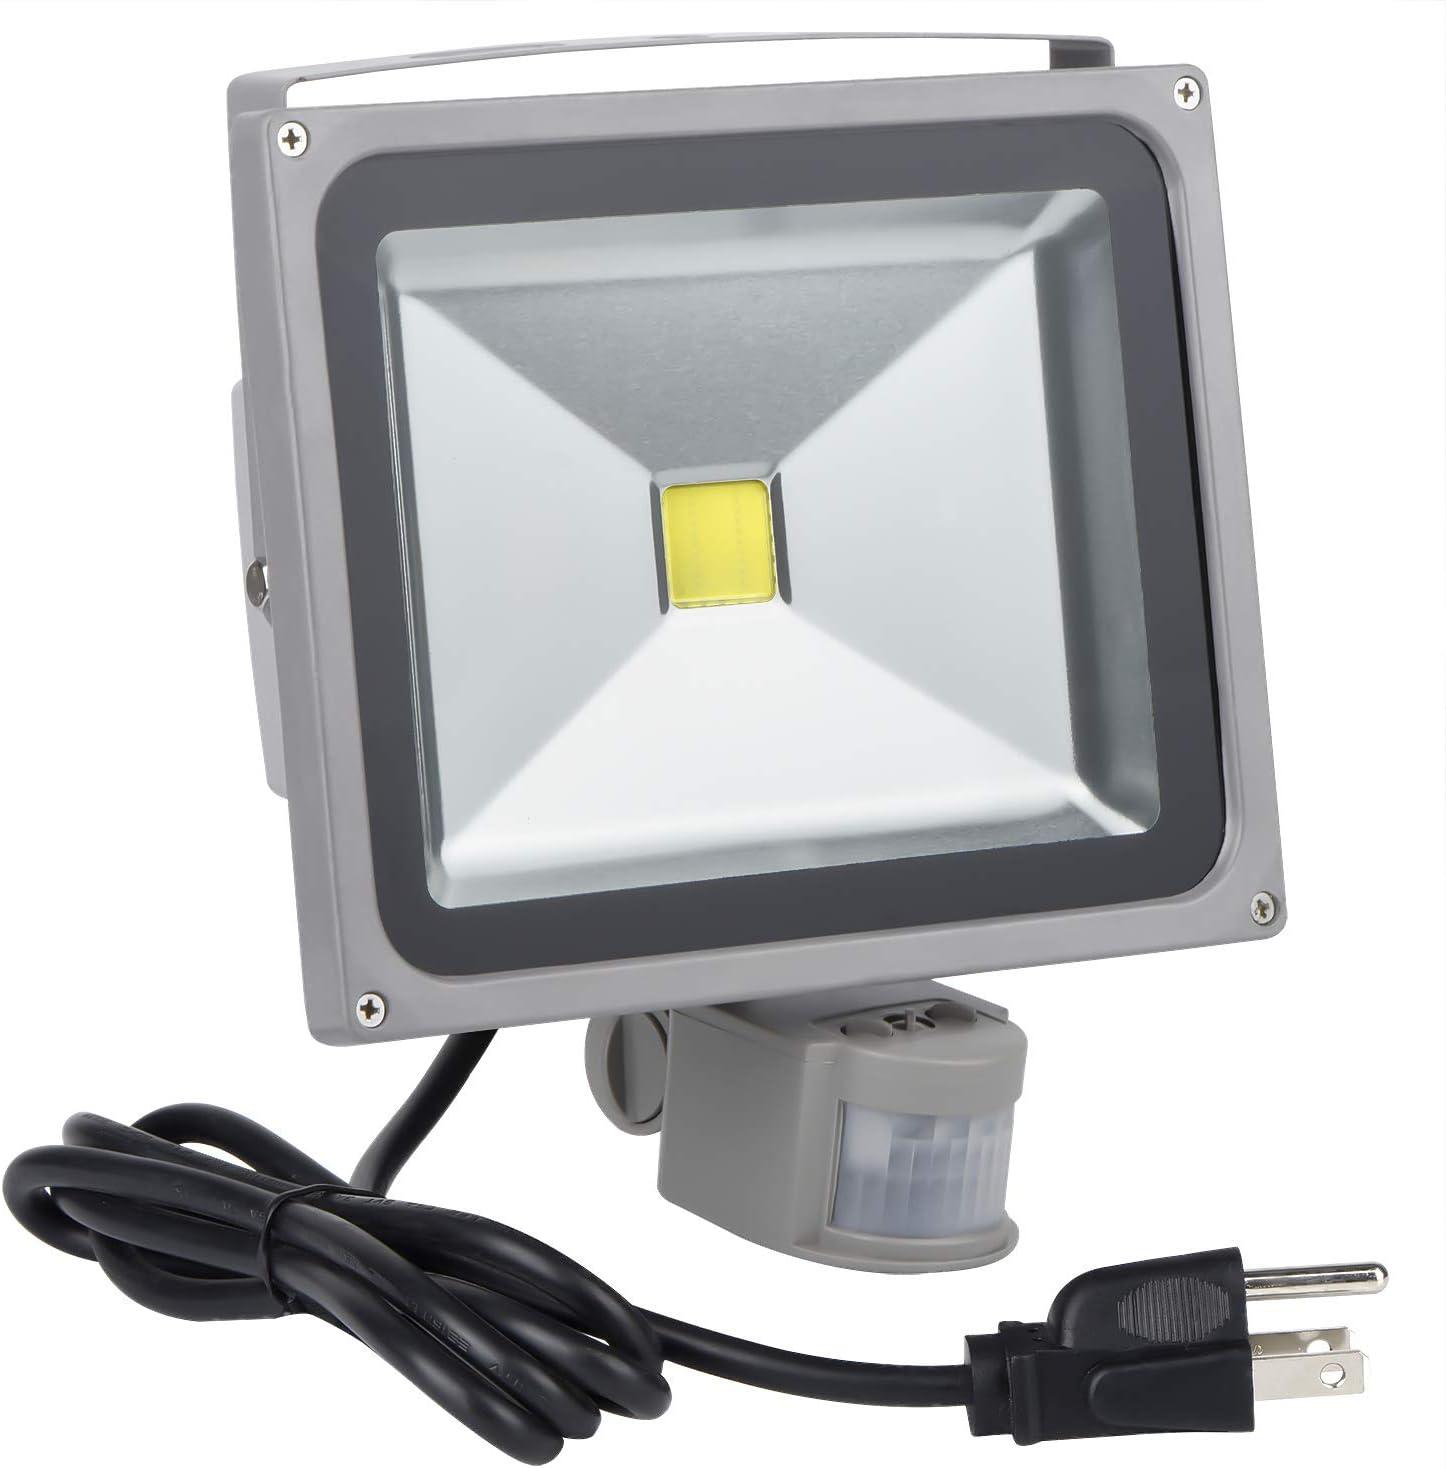 10W LED Flood Light Outdoor Spotlight PIR Motion Sensor Cool White Security Lamp